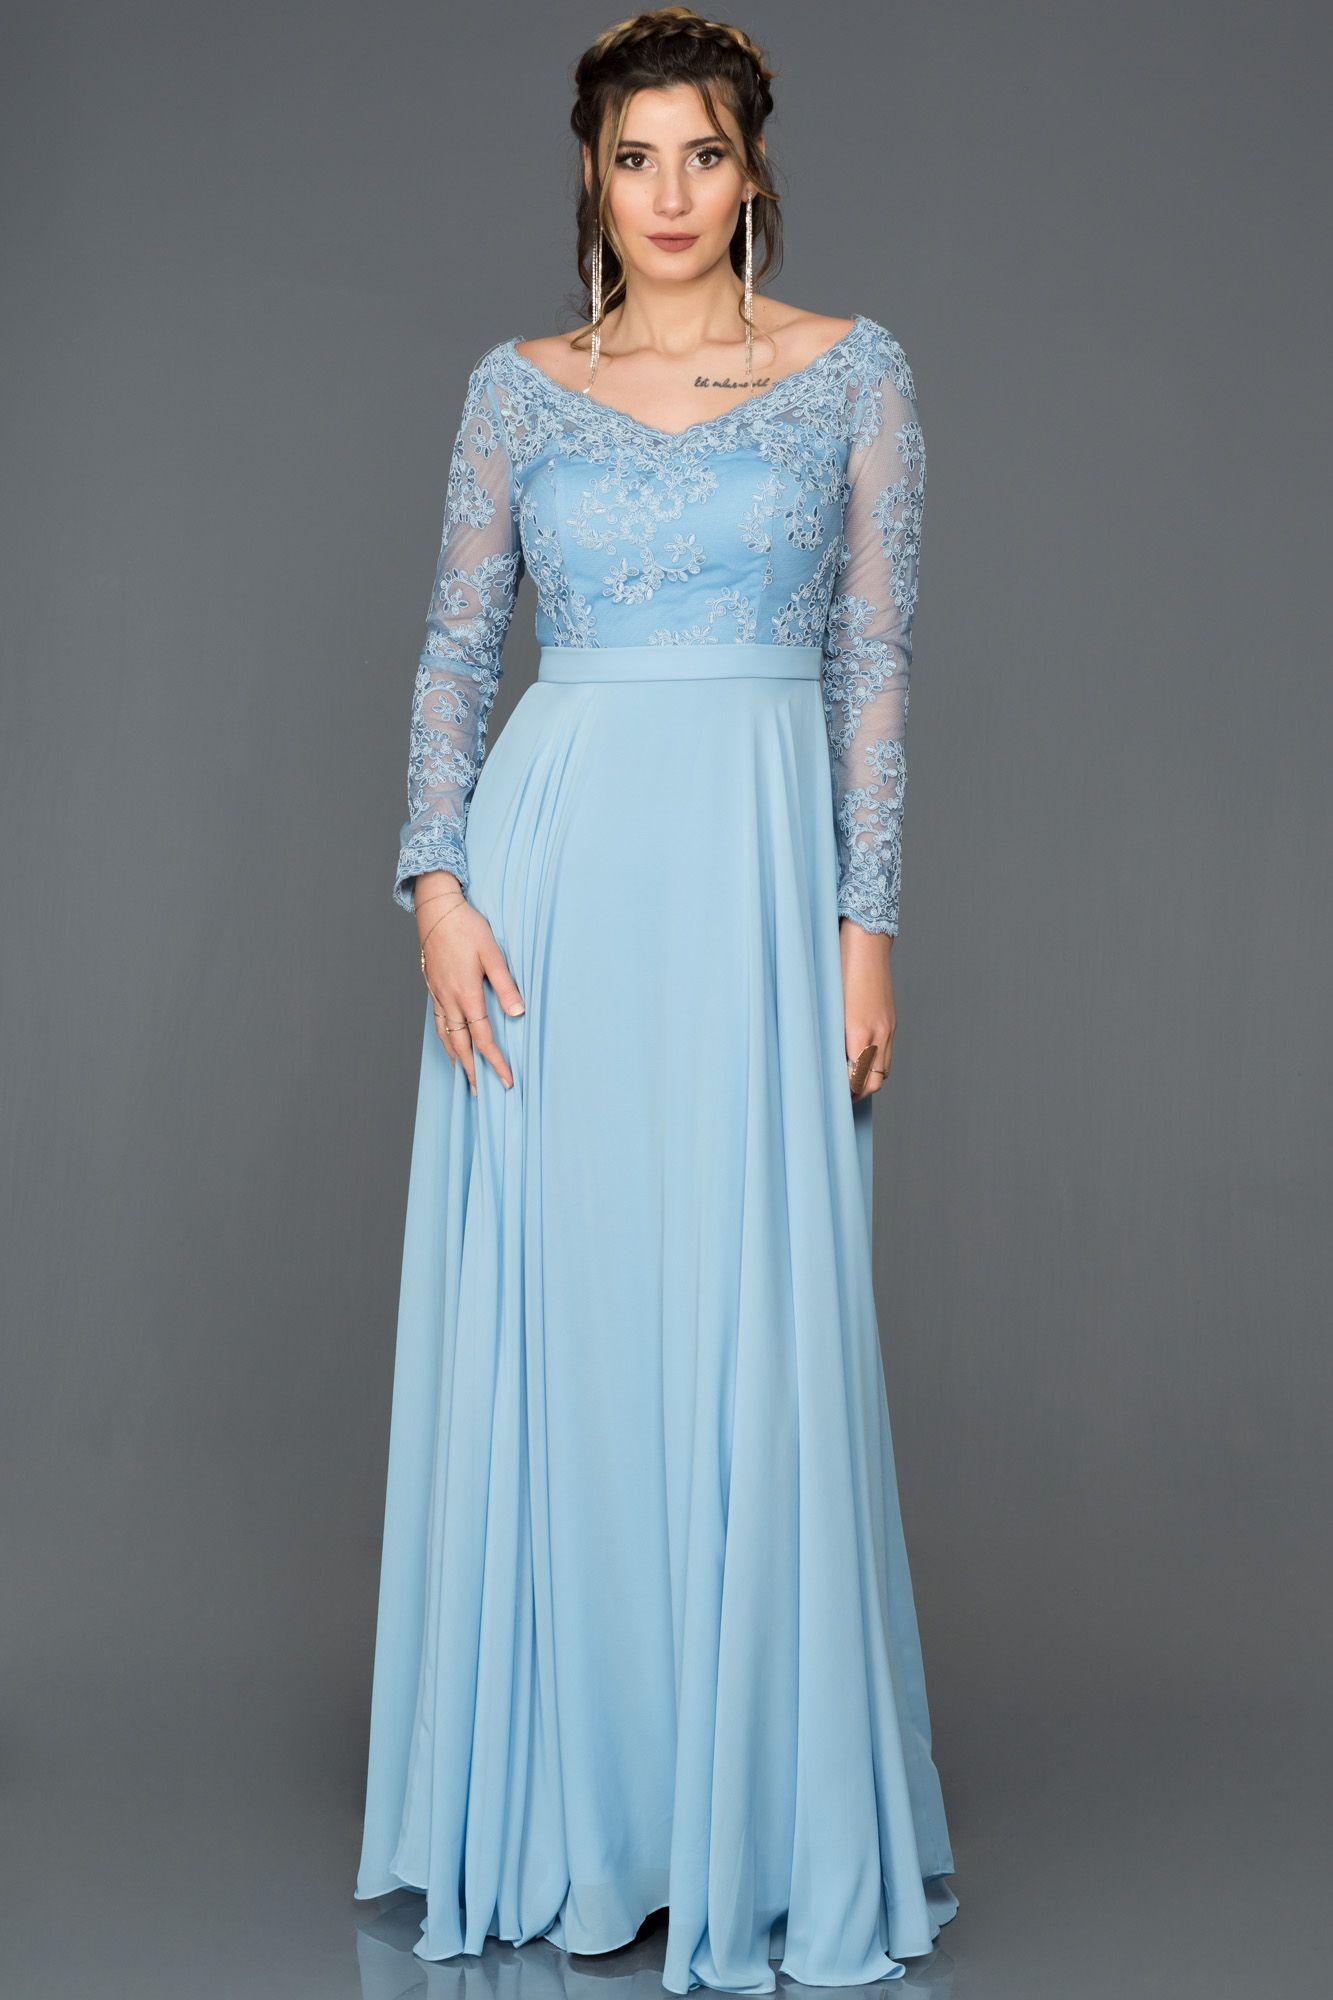 Mavi Uzun Kollu Tullu Abiye Abu212 Mavi Uzun Elbiseler Uzun Kollu Elbiseler